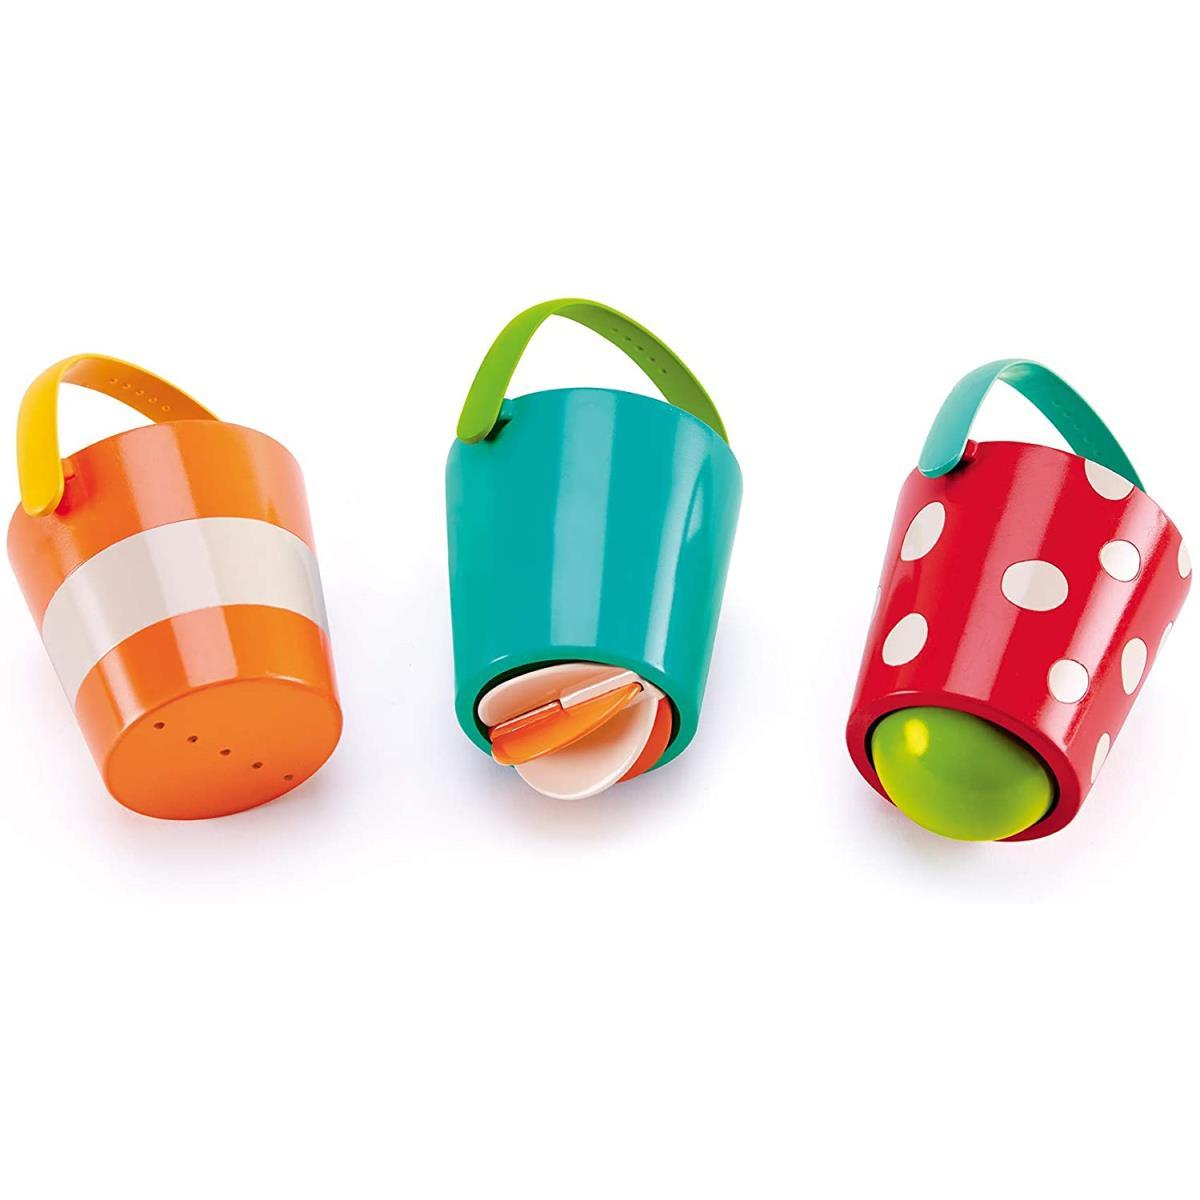 Hape Buntes Eimer-Set  Wasserspass für Kleine Kinder Kleinkind Spielzeug Spiel,Hape,E0205, 6943478016880